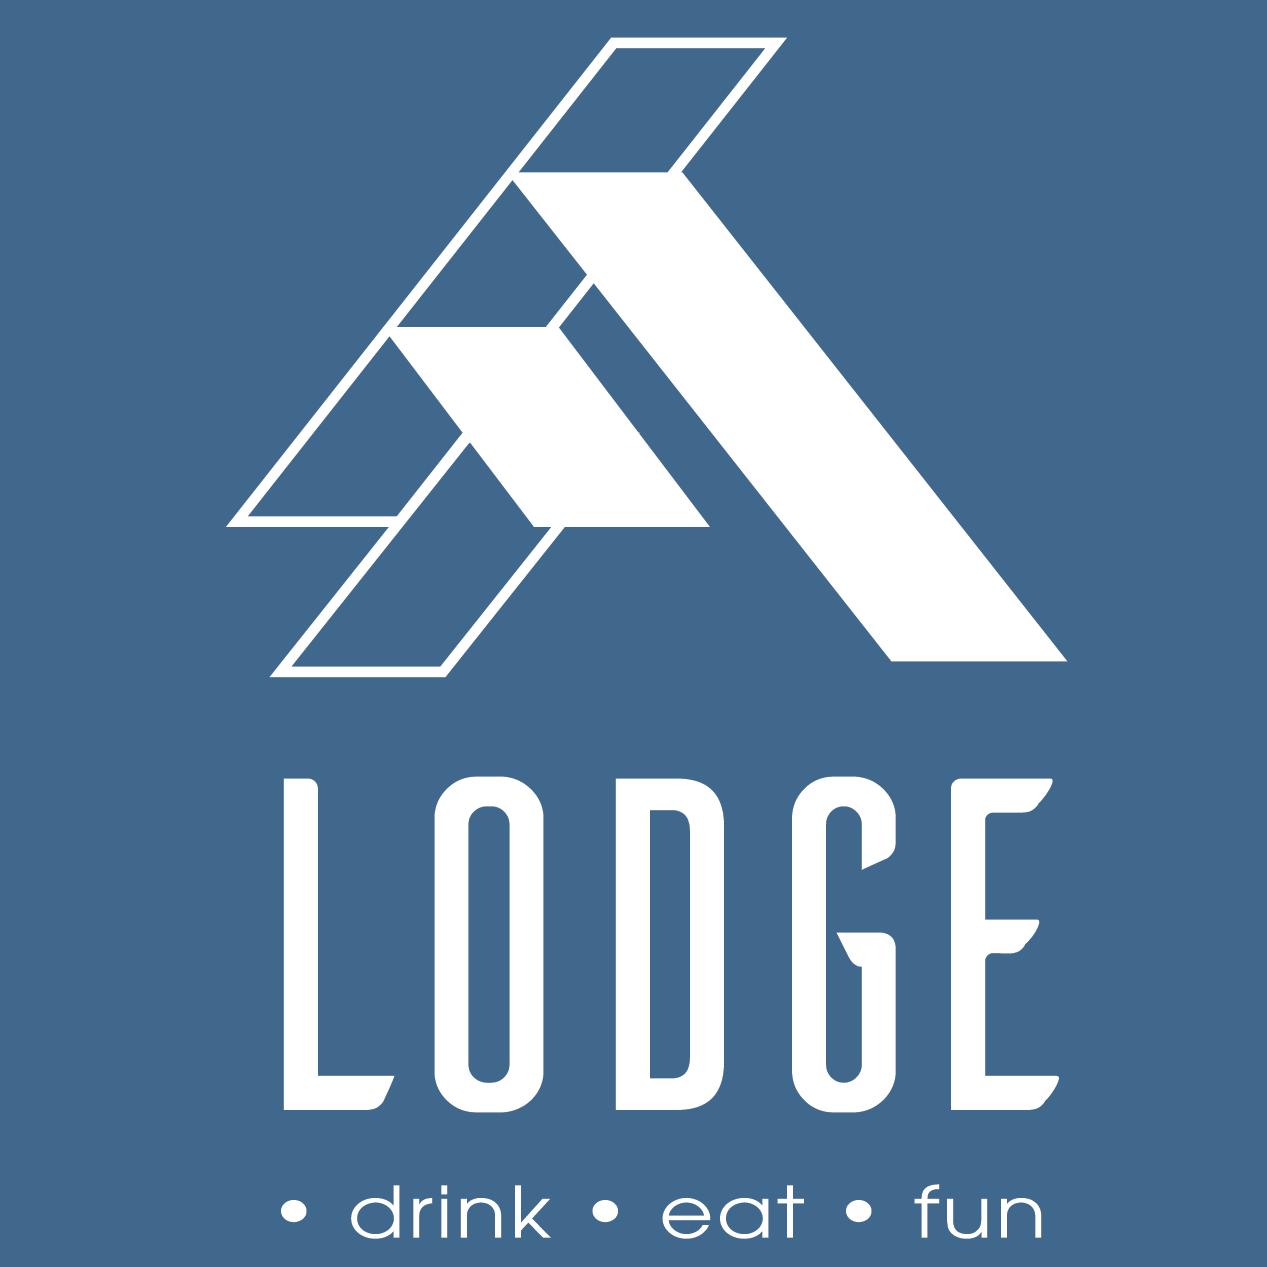 Lodge Cafe Bar | Καφέ | Ποτό | Brunch | Νυχτερινή Διασκέδαση